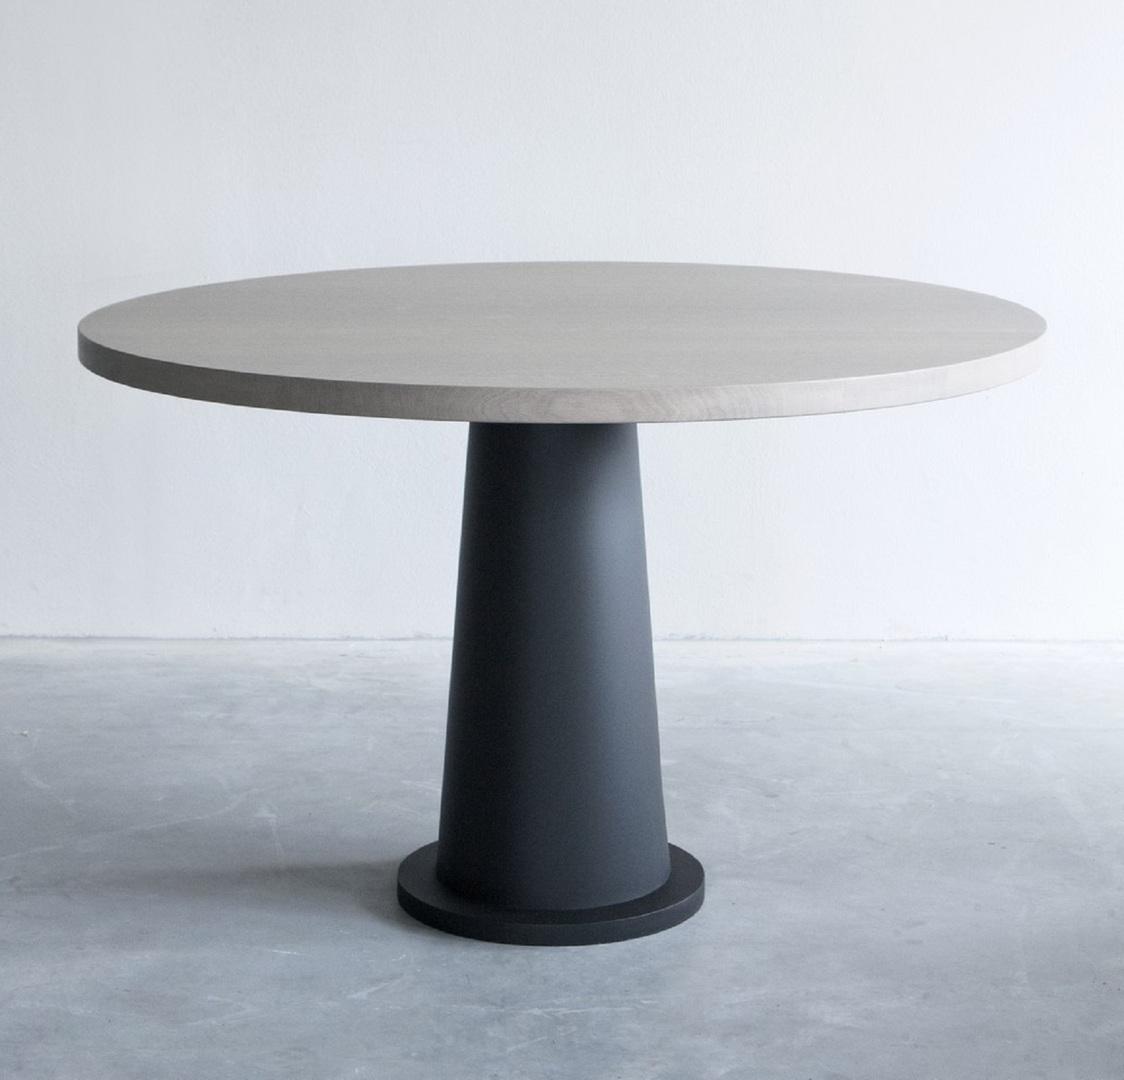 Kops round table with steel base (5) groot.jpg